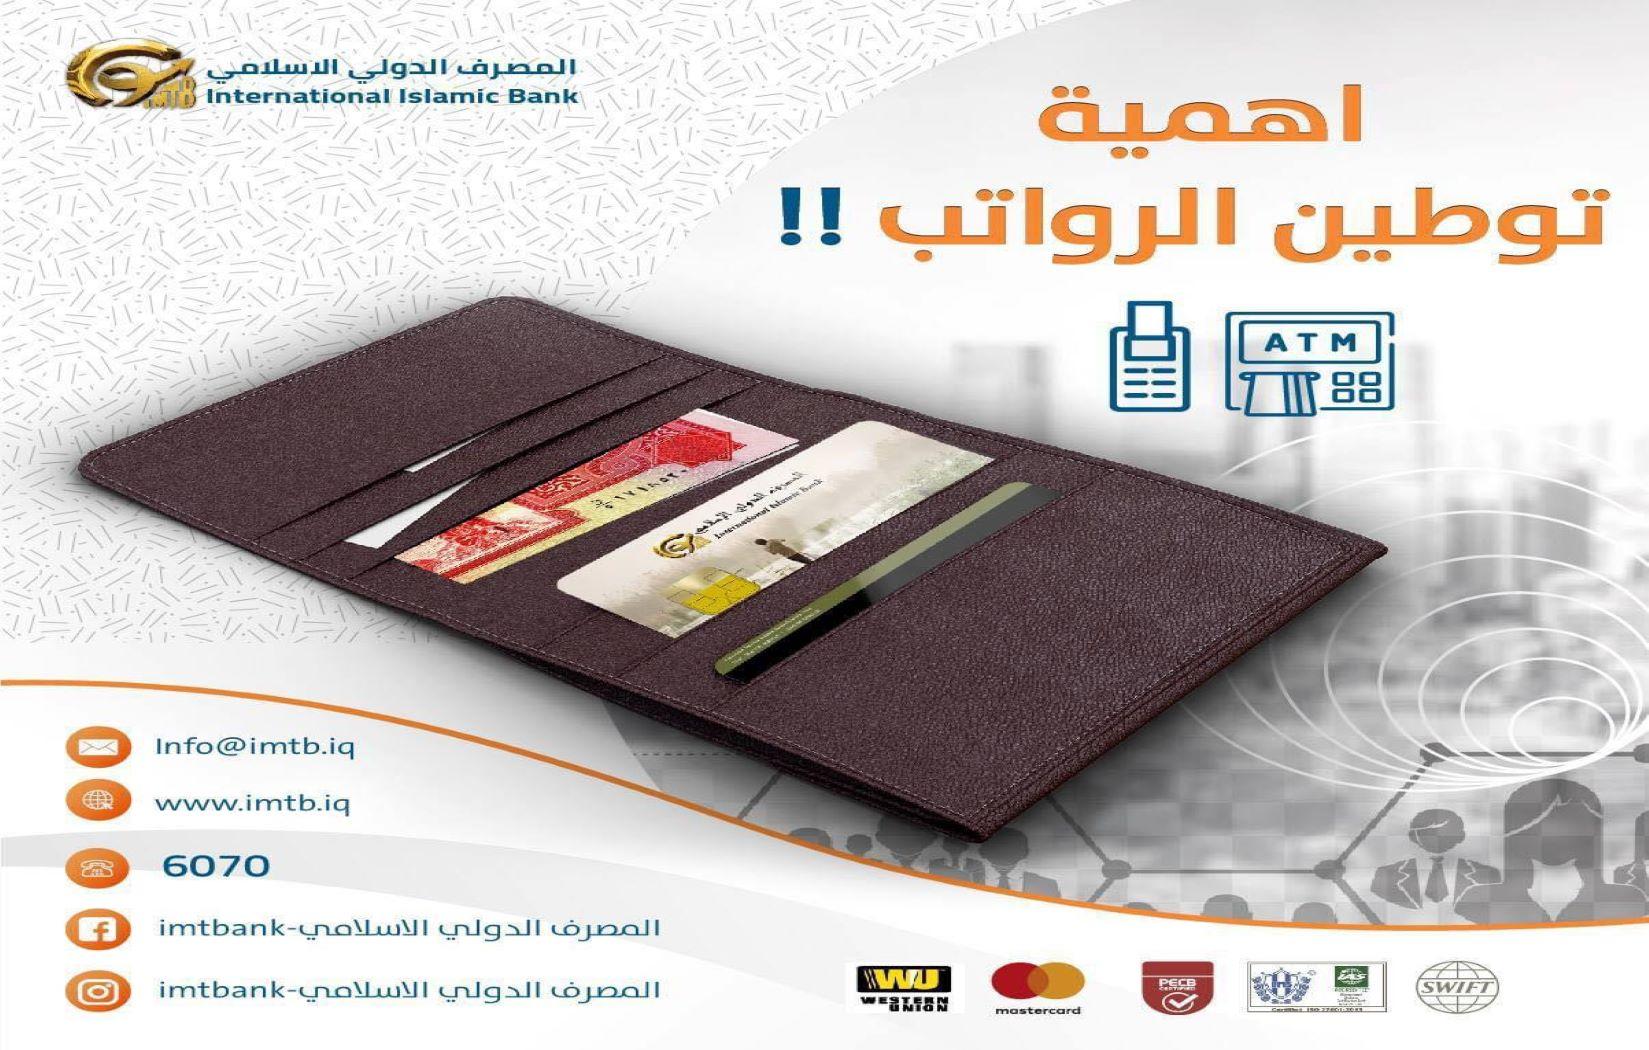 المصرف الدولي الاسلامي.. يوضح فوائد توطين الرواتب